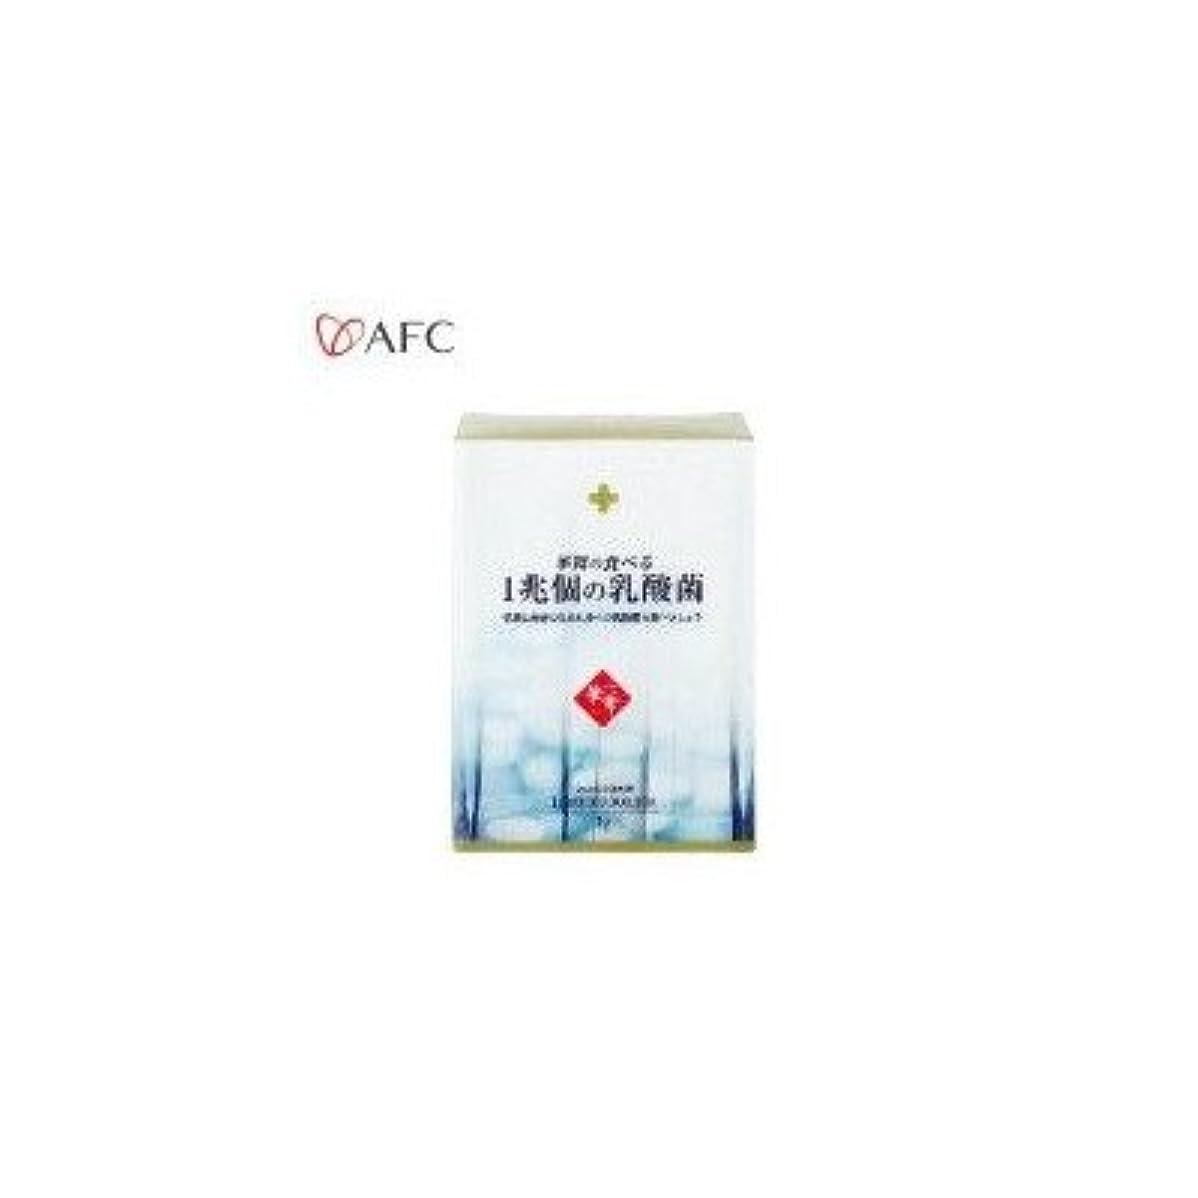 不正放散するAFC 華舞シリーズ 華舞の1兆個の乳酸菌 スティックタイプ 30g(1g×30本) 3222